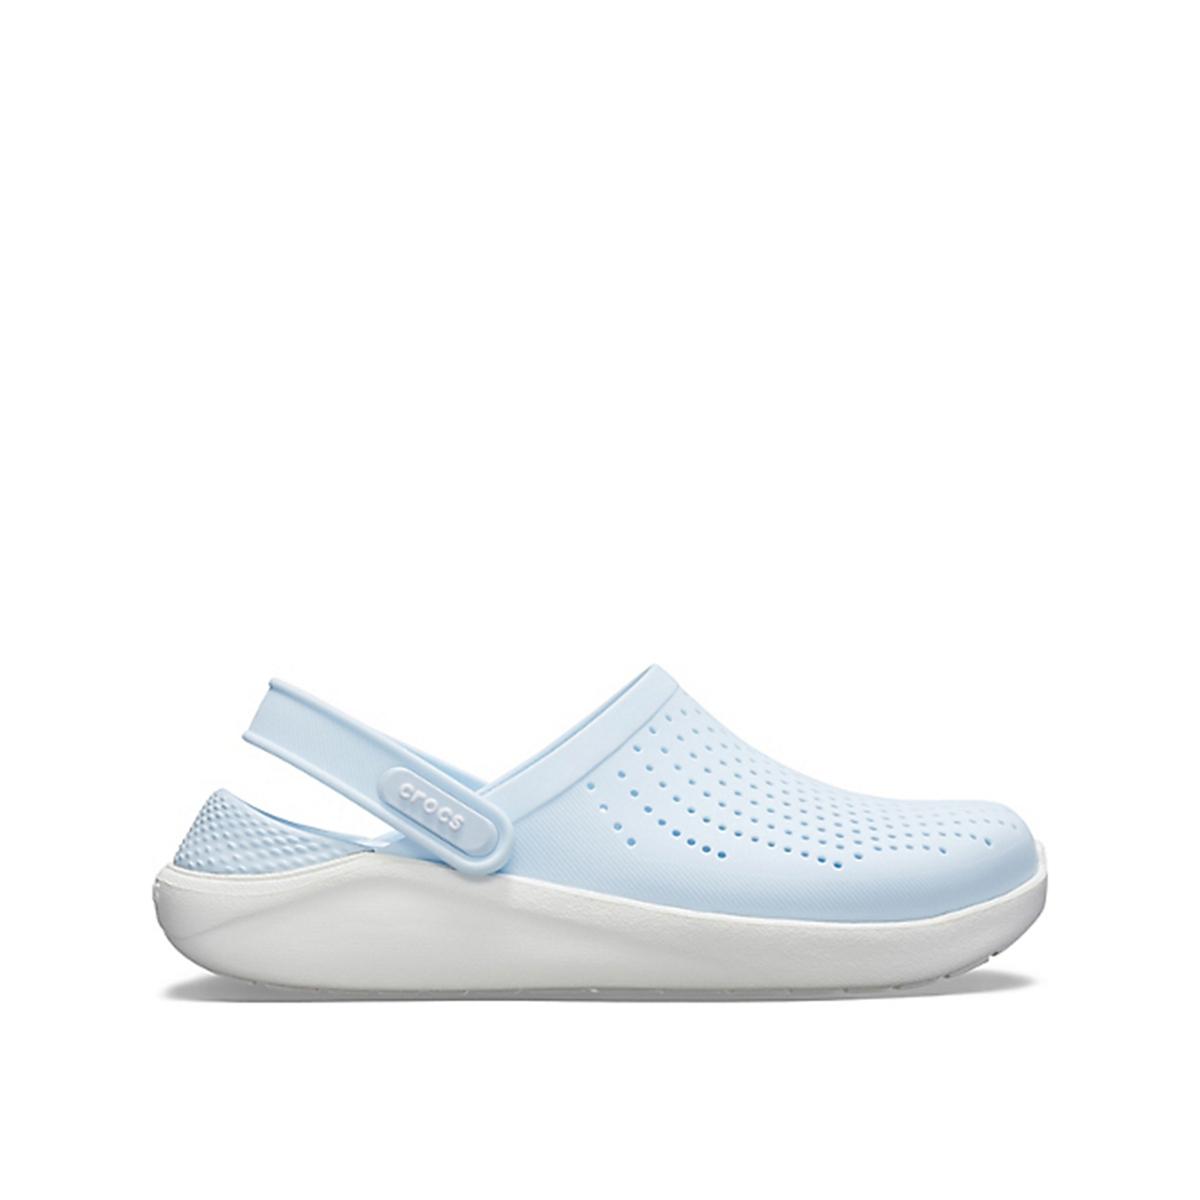 Туфли La Redoute Без задника LiteRide 37/38 синий туфли без задника кожаные с блестящими деталями